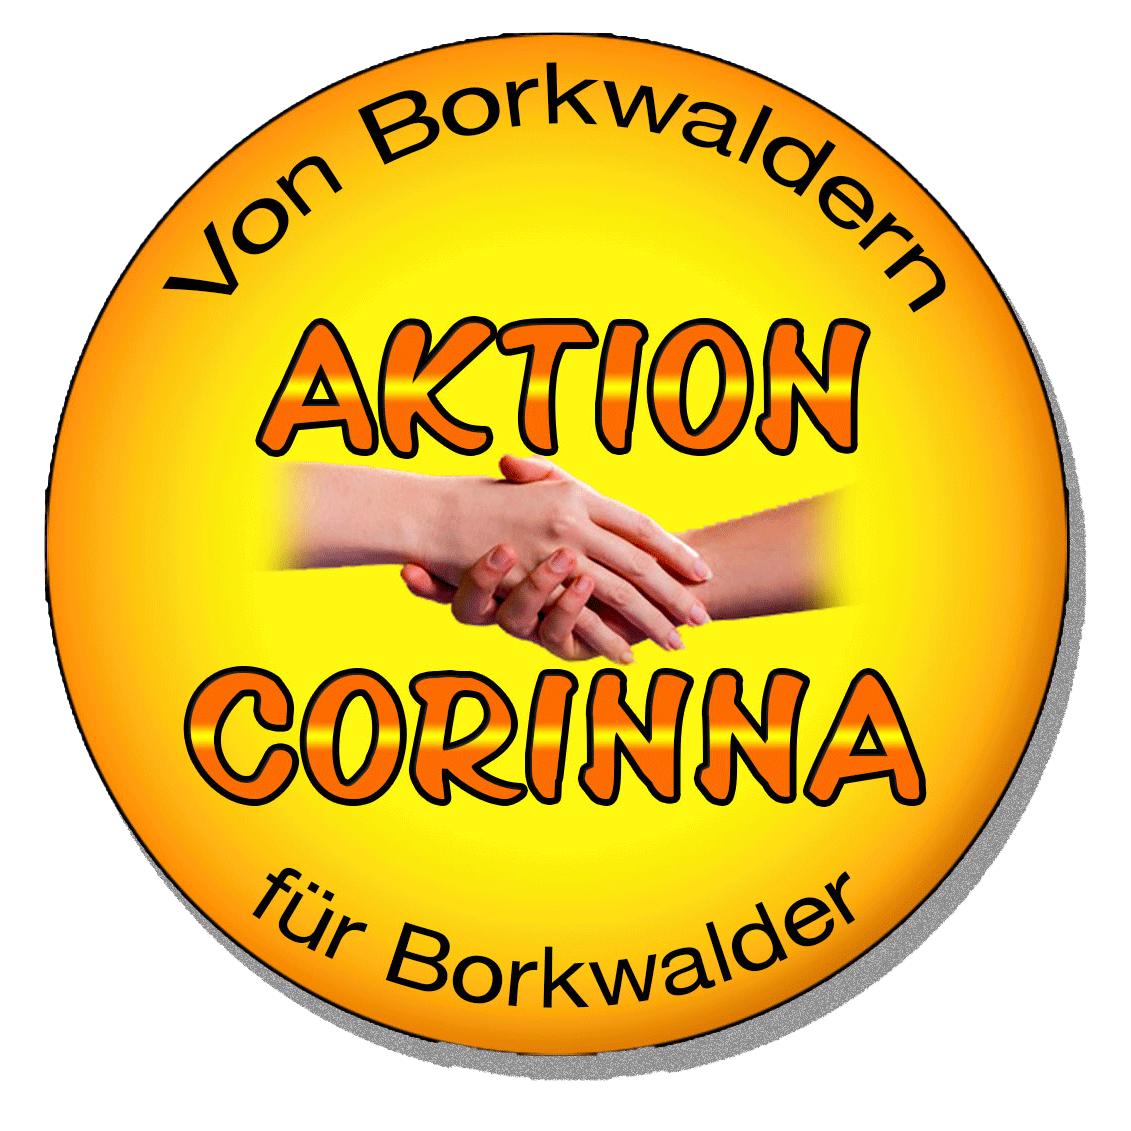 Aktion-Corinna-Logo